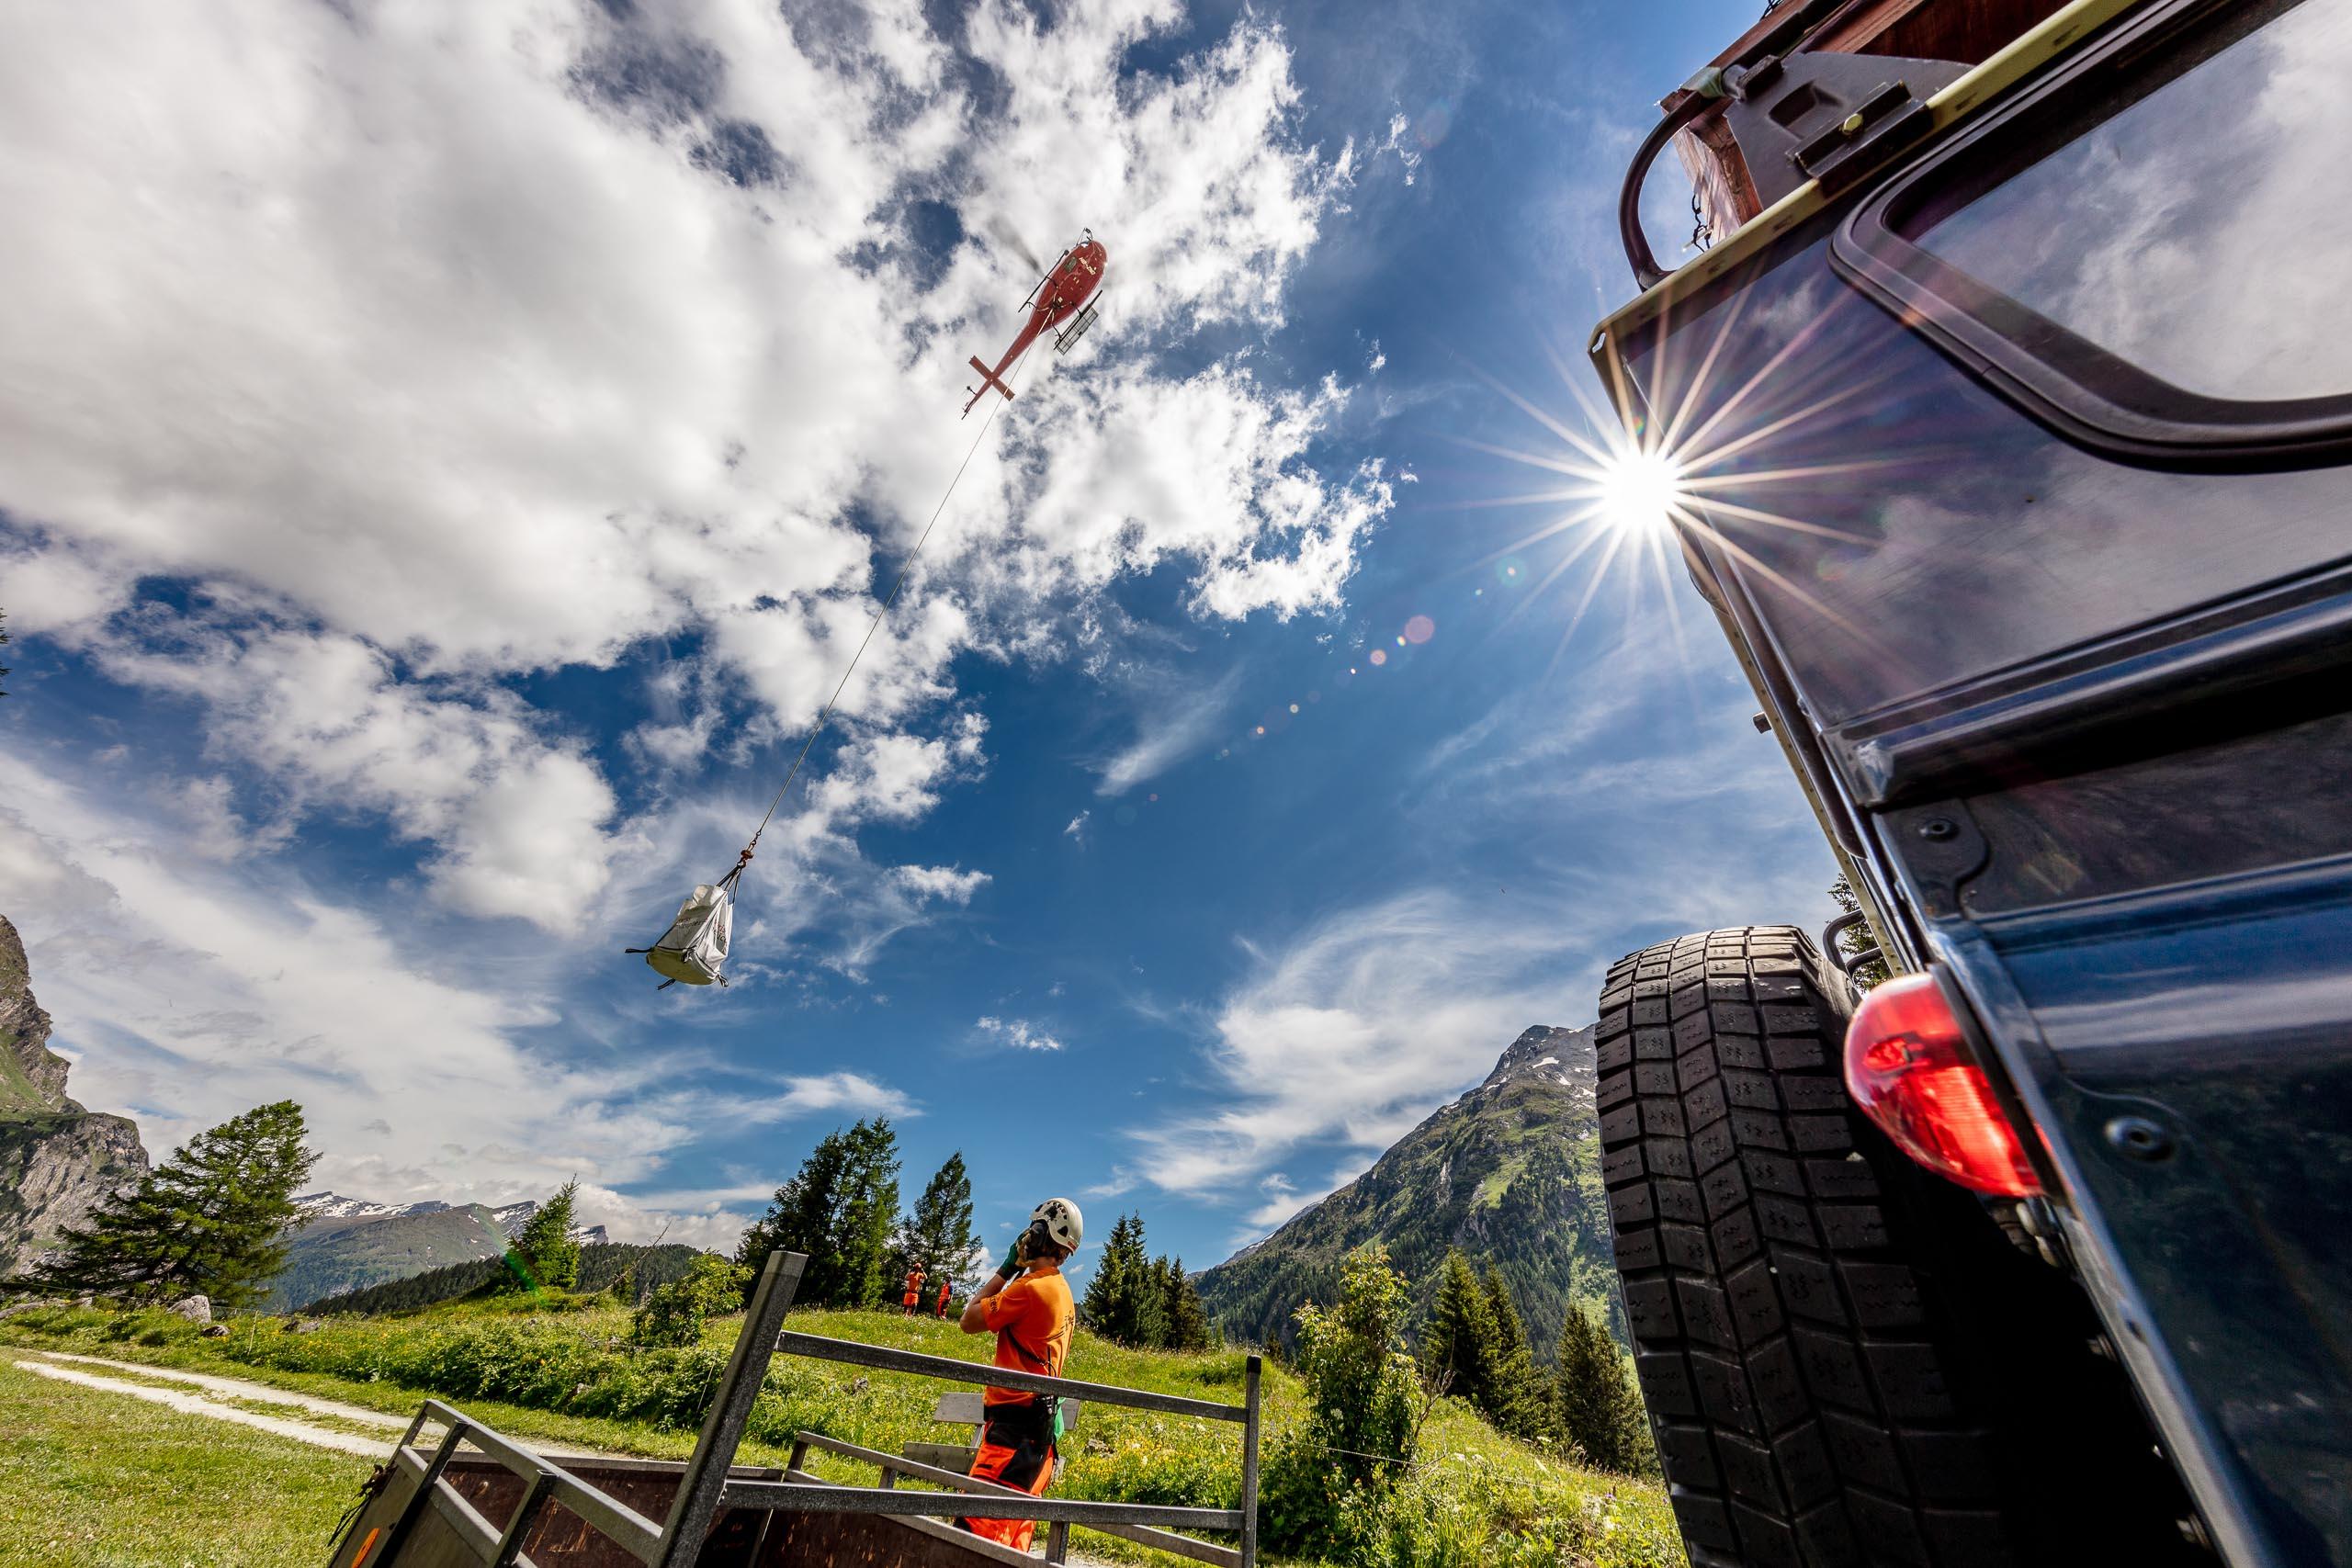 Transportflug-Helikopter